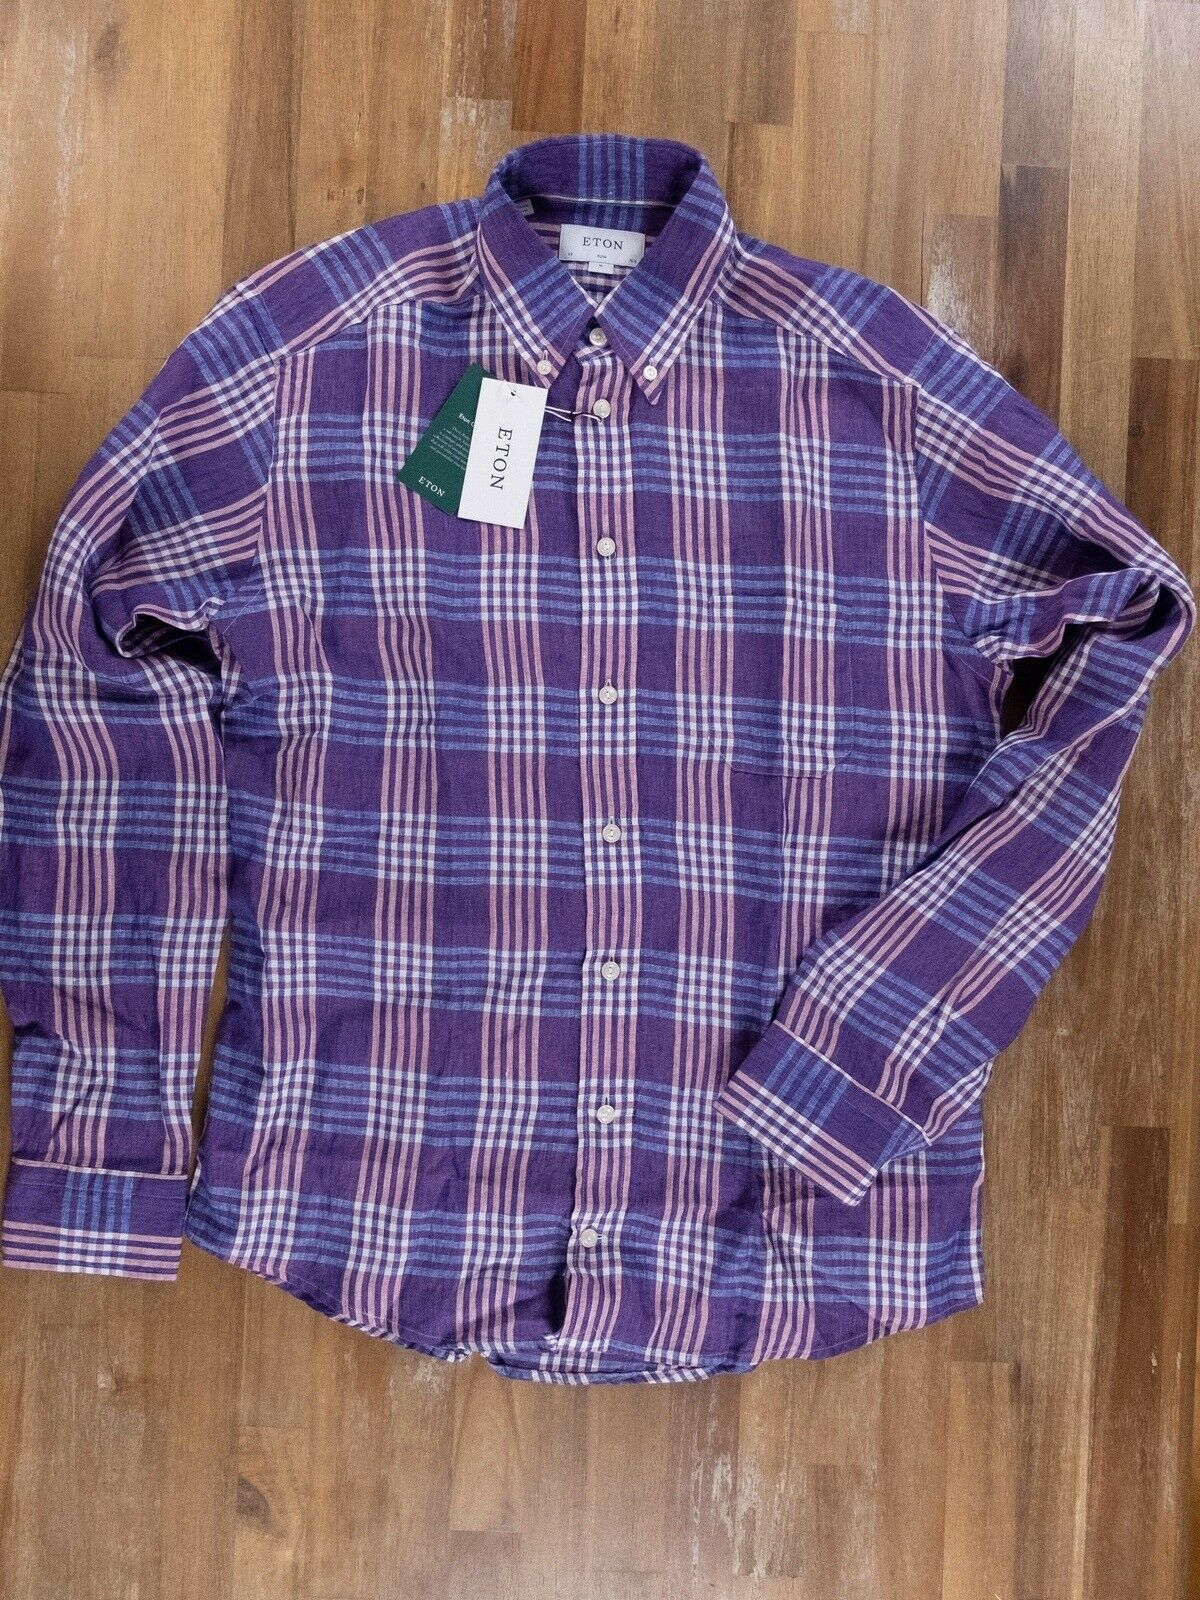 ETON of Sweden slim-fit plaid lila linen shirt authentic - Größe 39   15.5 -NWT